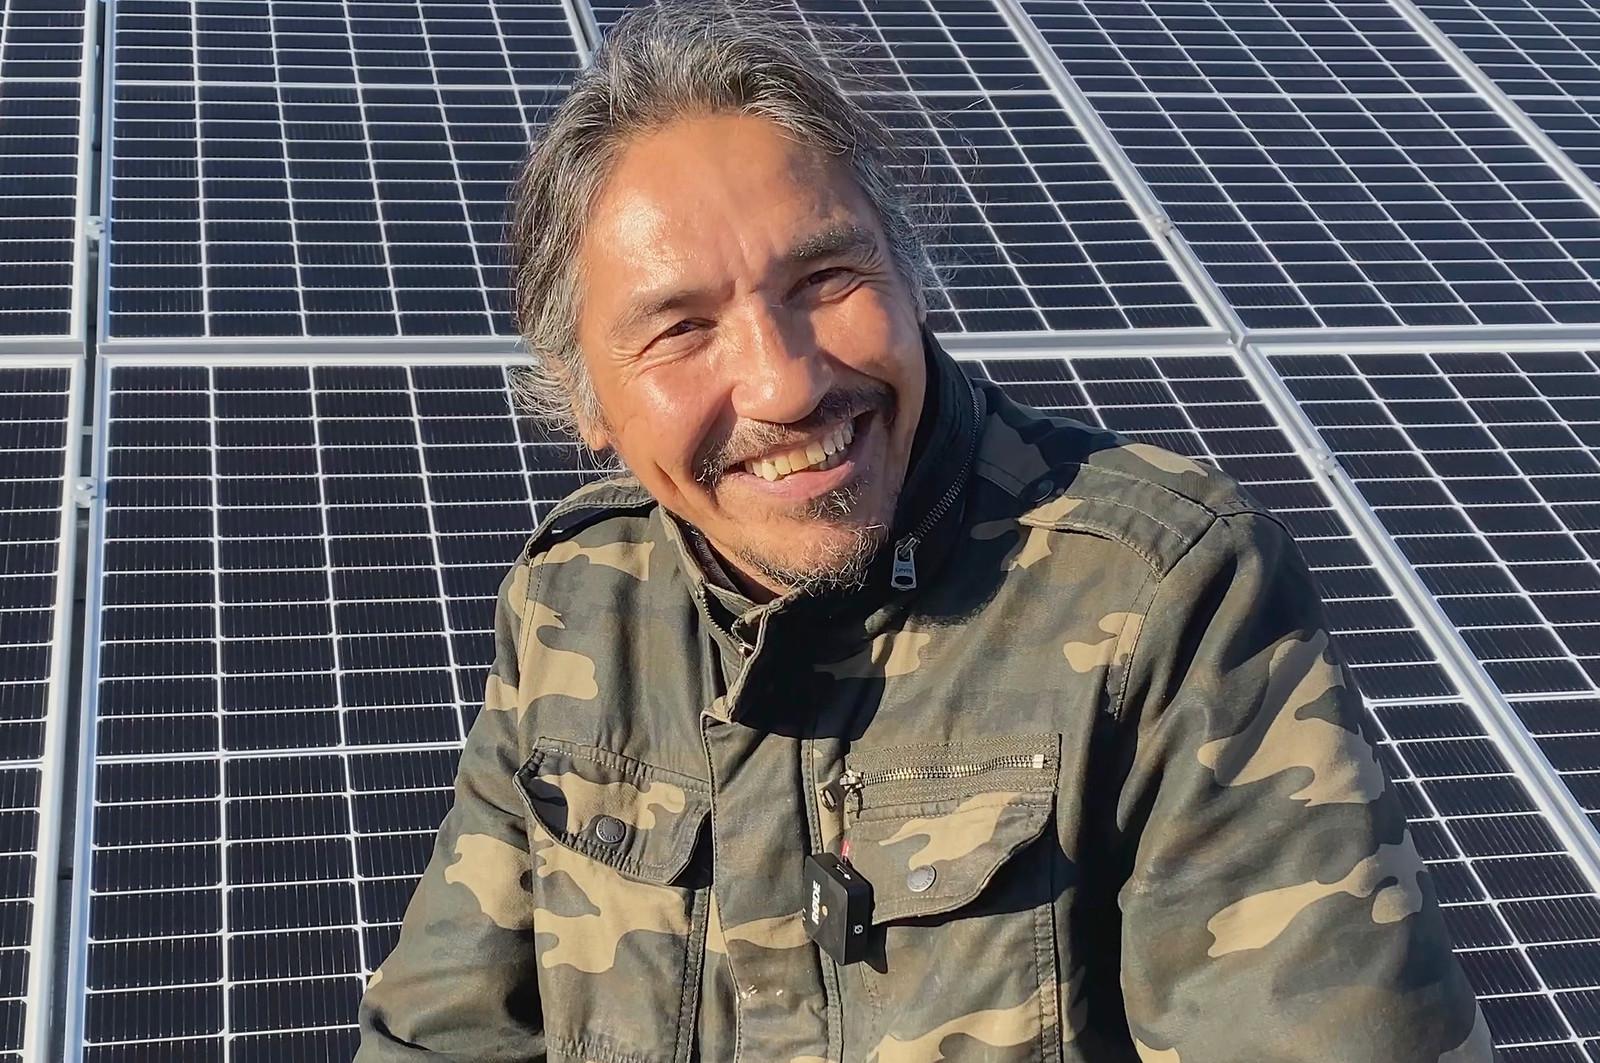 ACFN Green Energy LP